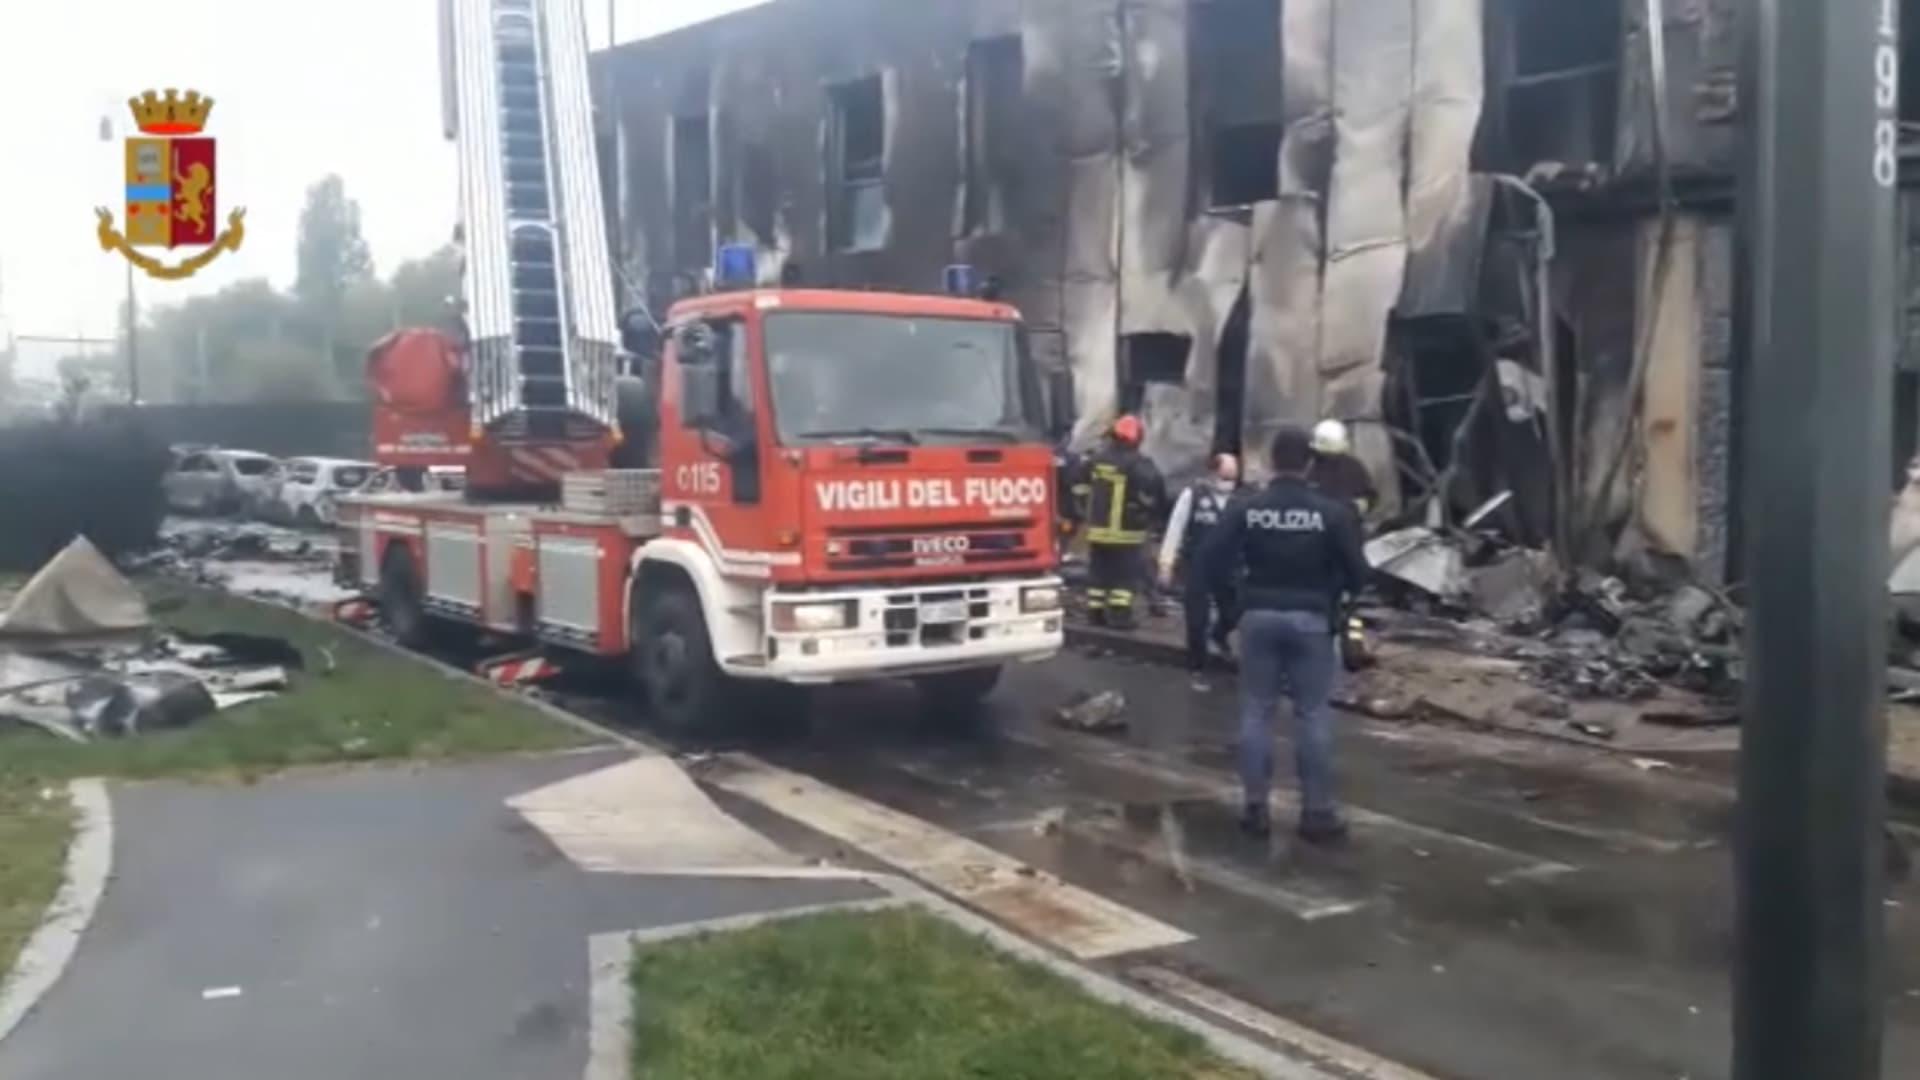 اصطدام طائرة خاصة بمبنى وتحطمها في إيطاليا.. ومقتل جميع طاقمها